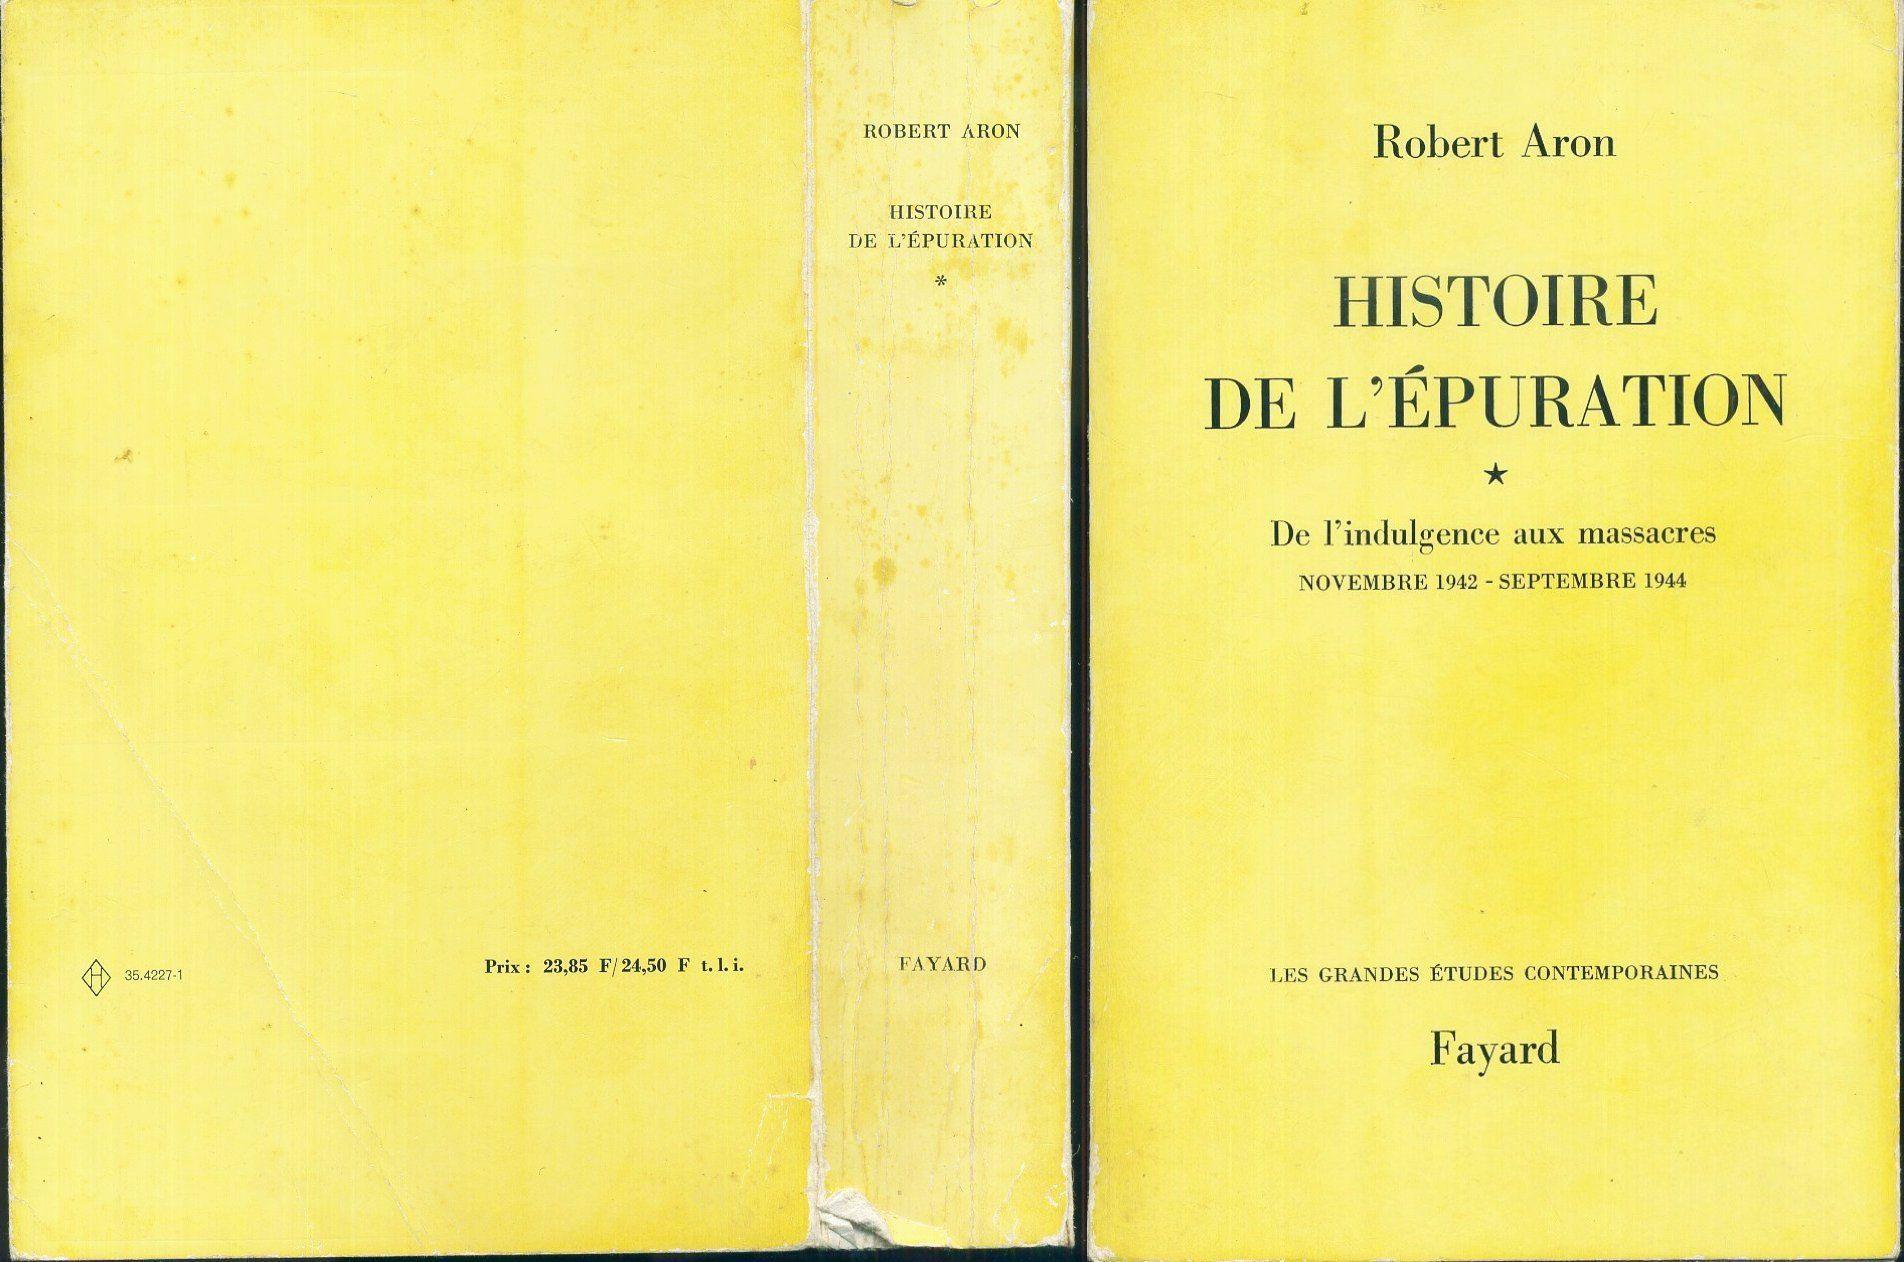 Histoire De L Epuration De L Indulgence Aux Massacres Novembre 1942 Septembre 1944 Robert Aron Fayard Les Grandes Etudes Etude Litterature Contemporain